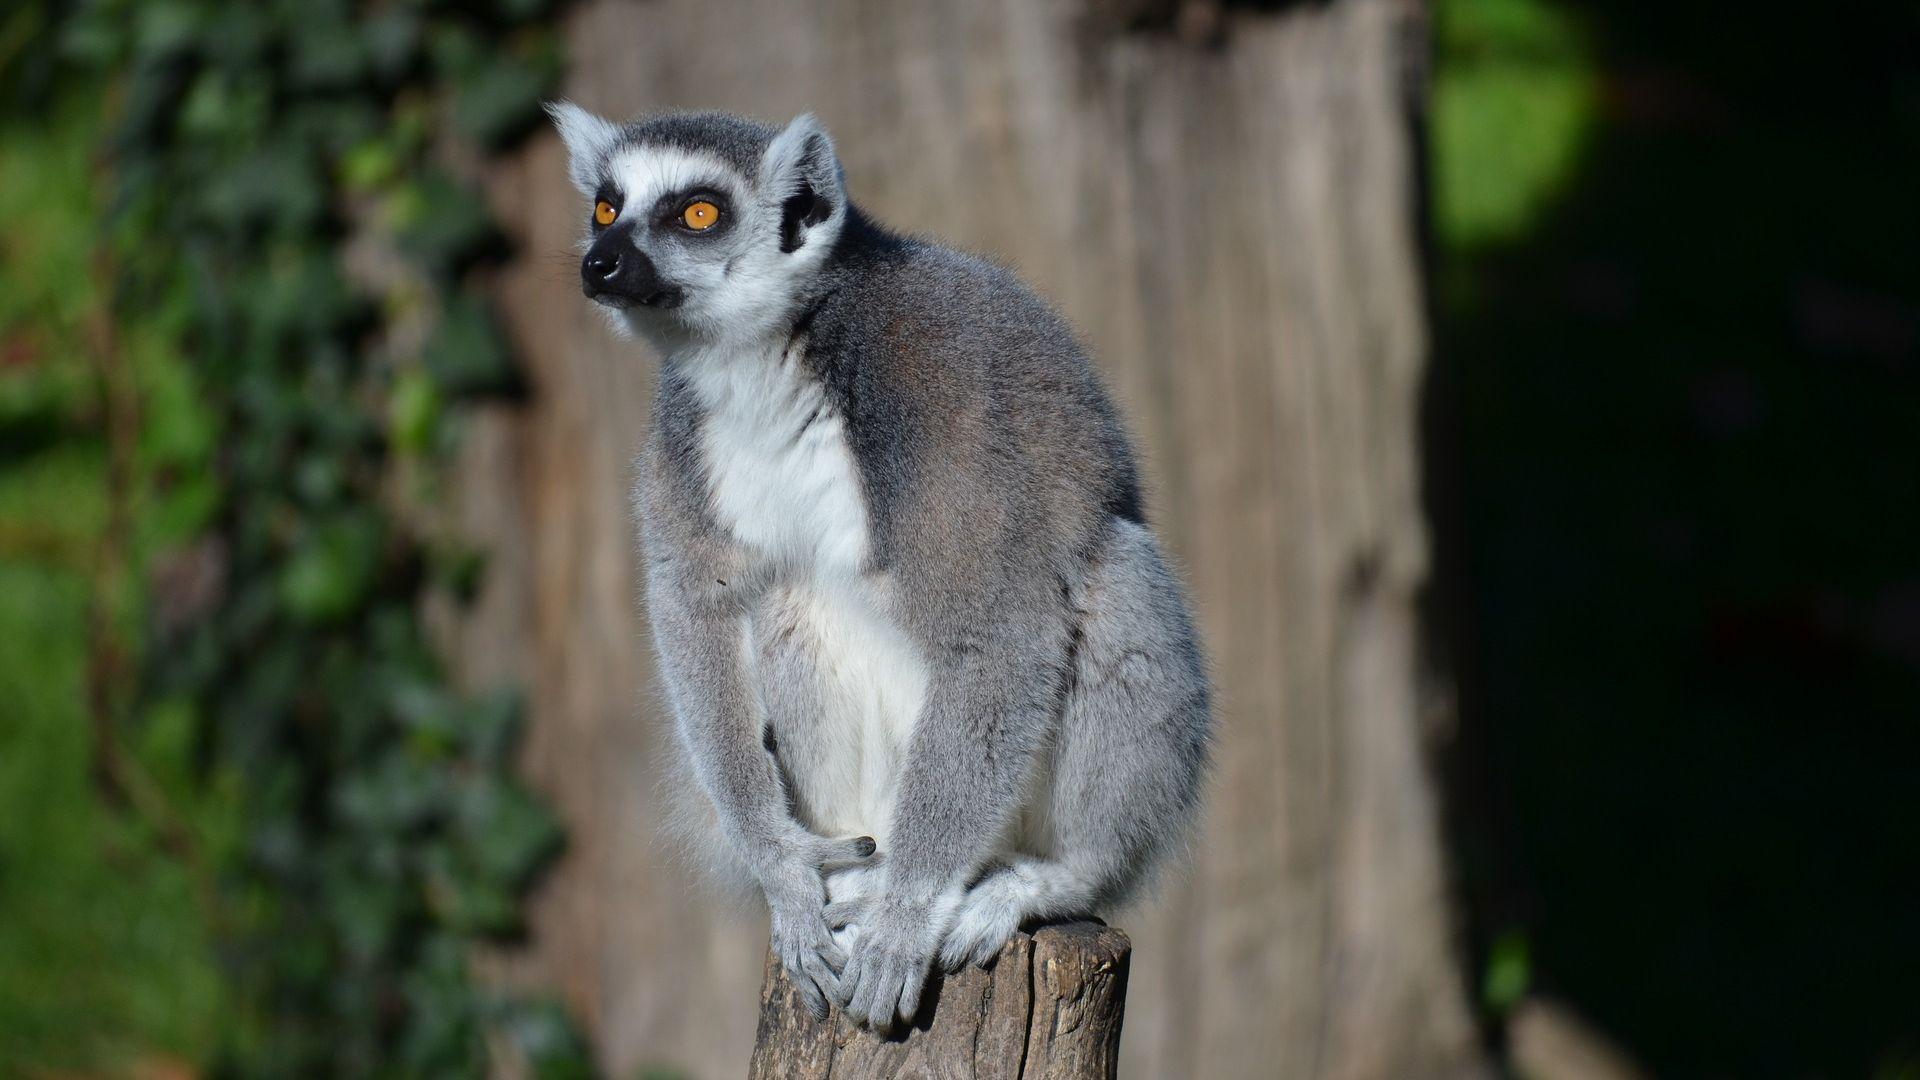 Wallpaper Ring-tailed lemur, animal, wild furry animal, sitting